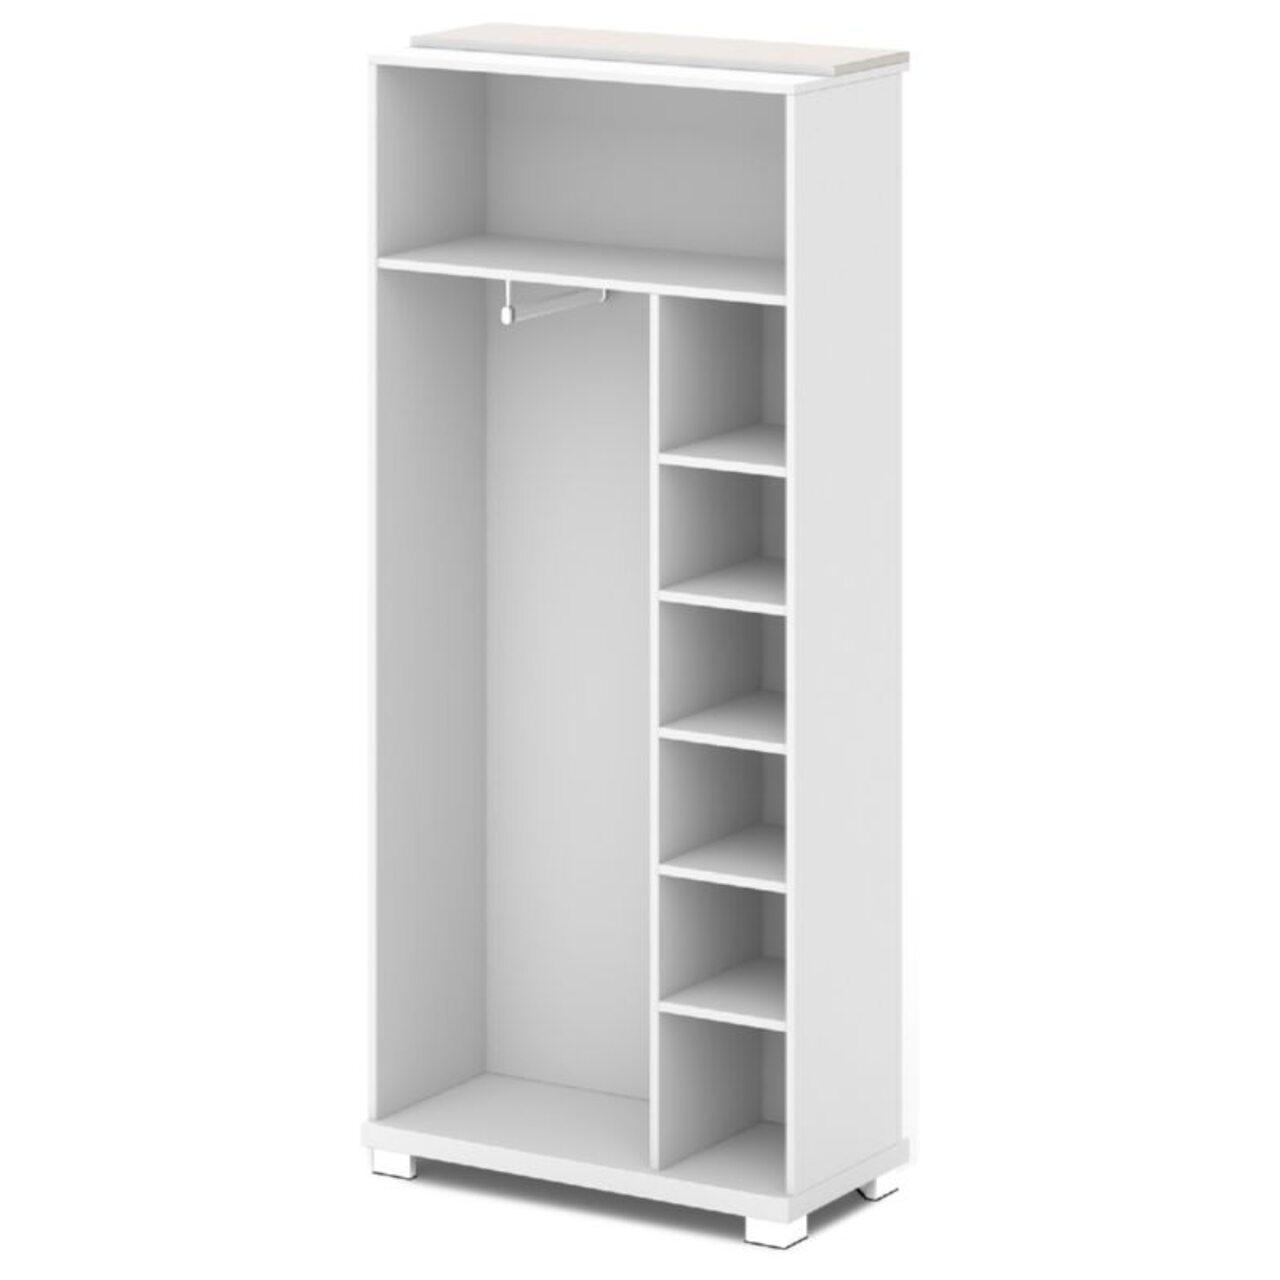 Каркас шкафа для одежды центральный  GRACE 90x44x205 - фото 7